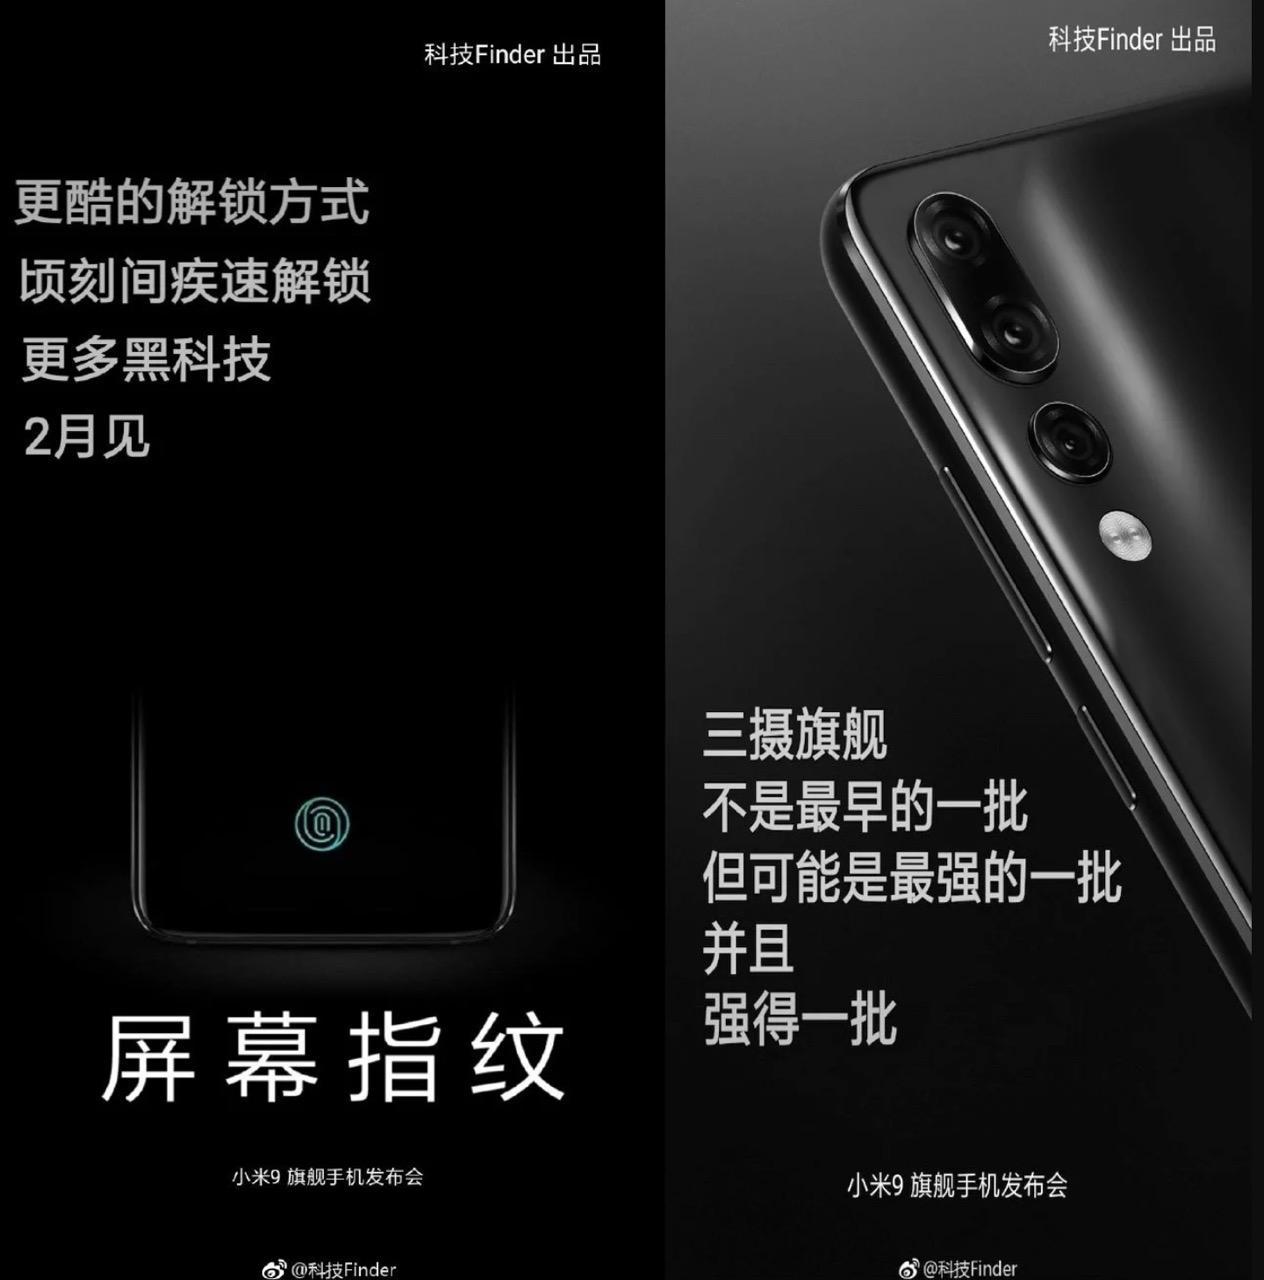 Xiaomi podría presentar el Mi 9 el 2 de febrero